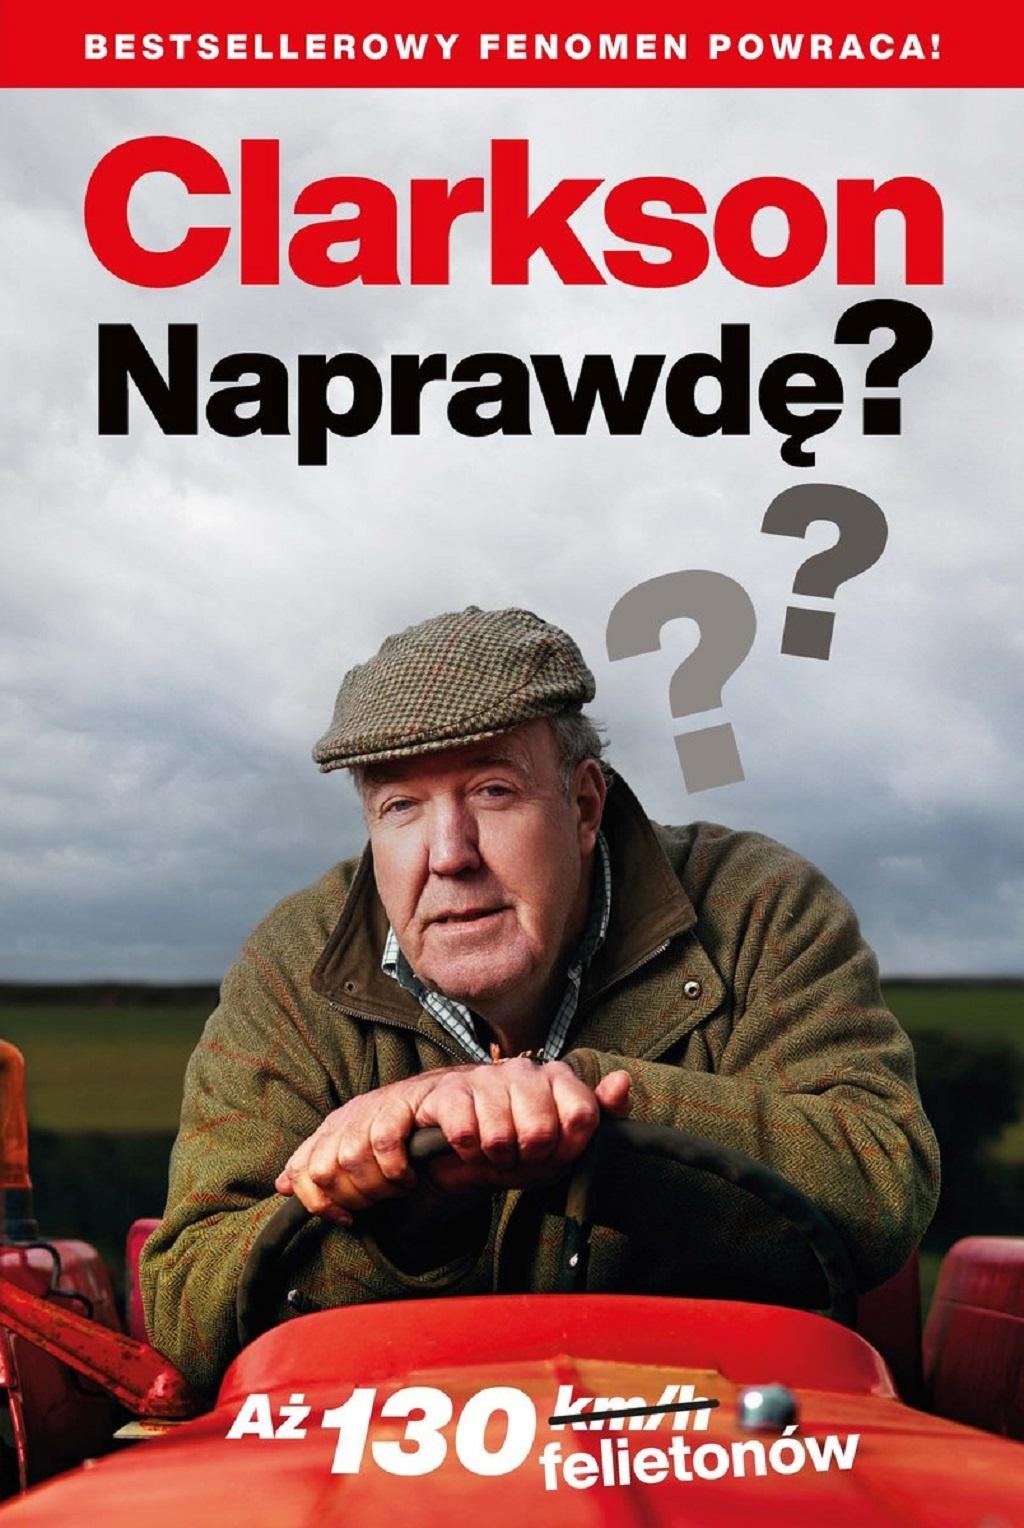 Jeremy Clarkson – Naprawdę?